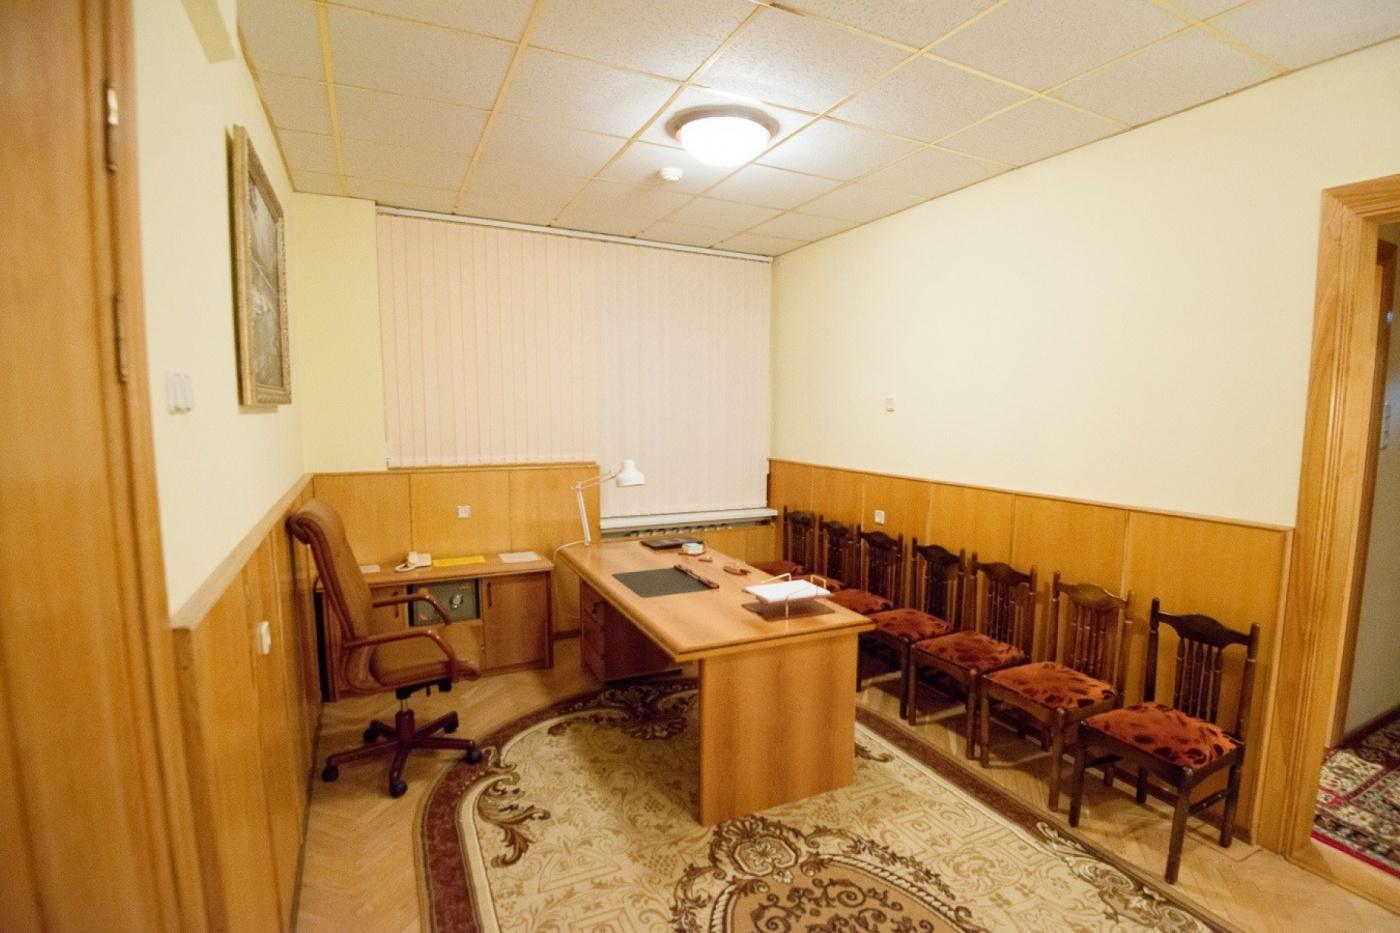 Санаторий «Солнечногорский» Московская область Двухместный трёхкомнатный номер люкс, фото 4